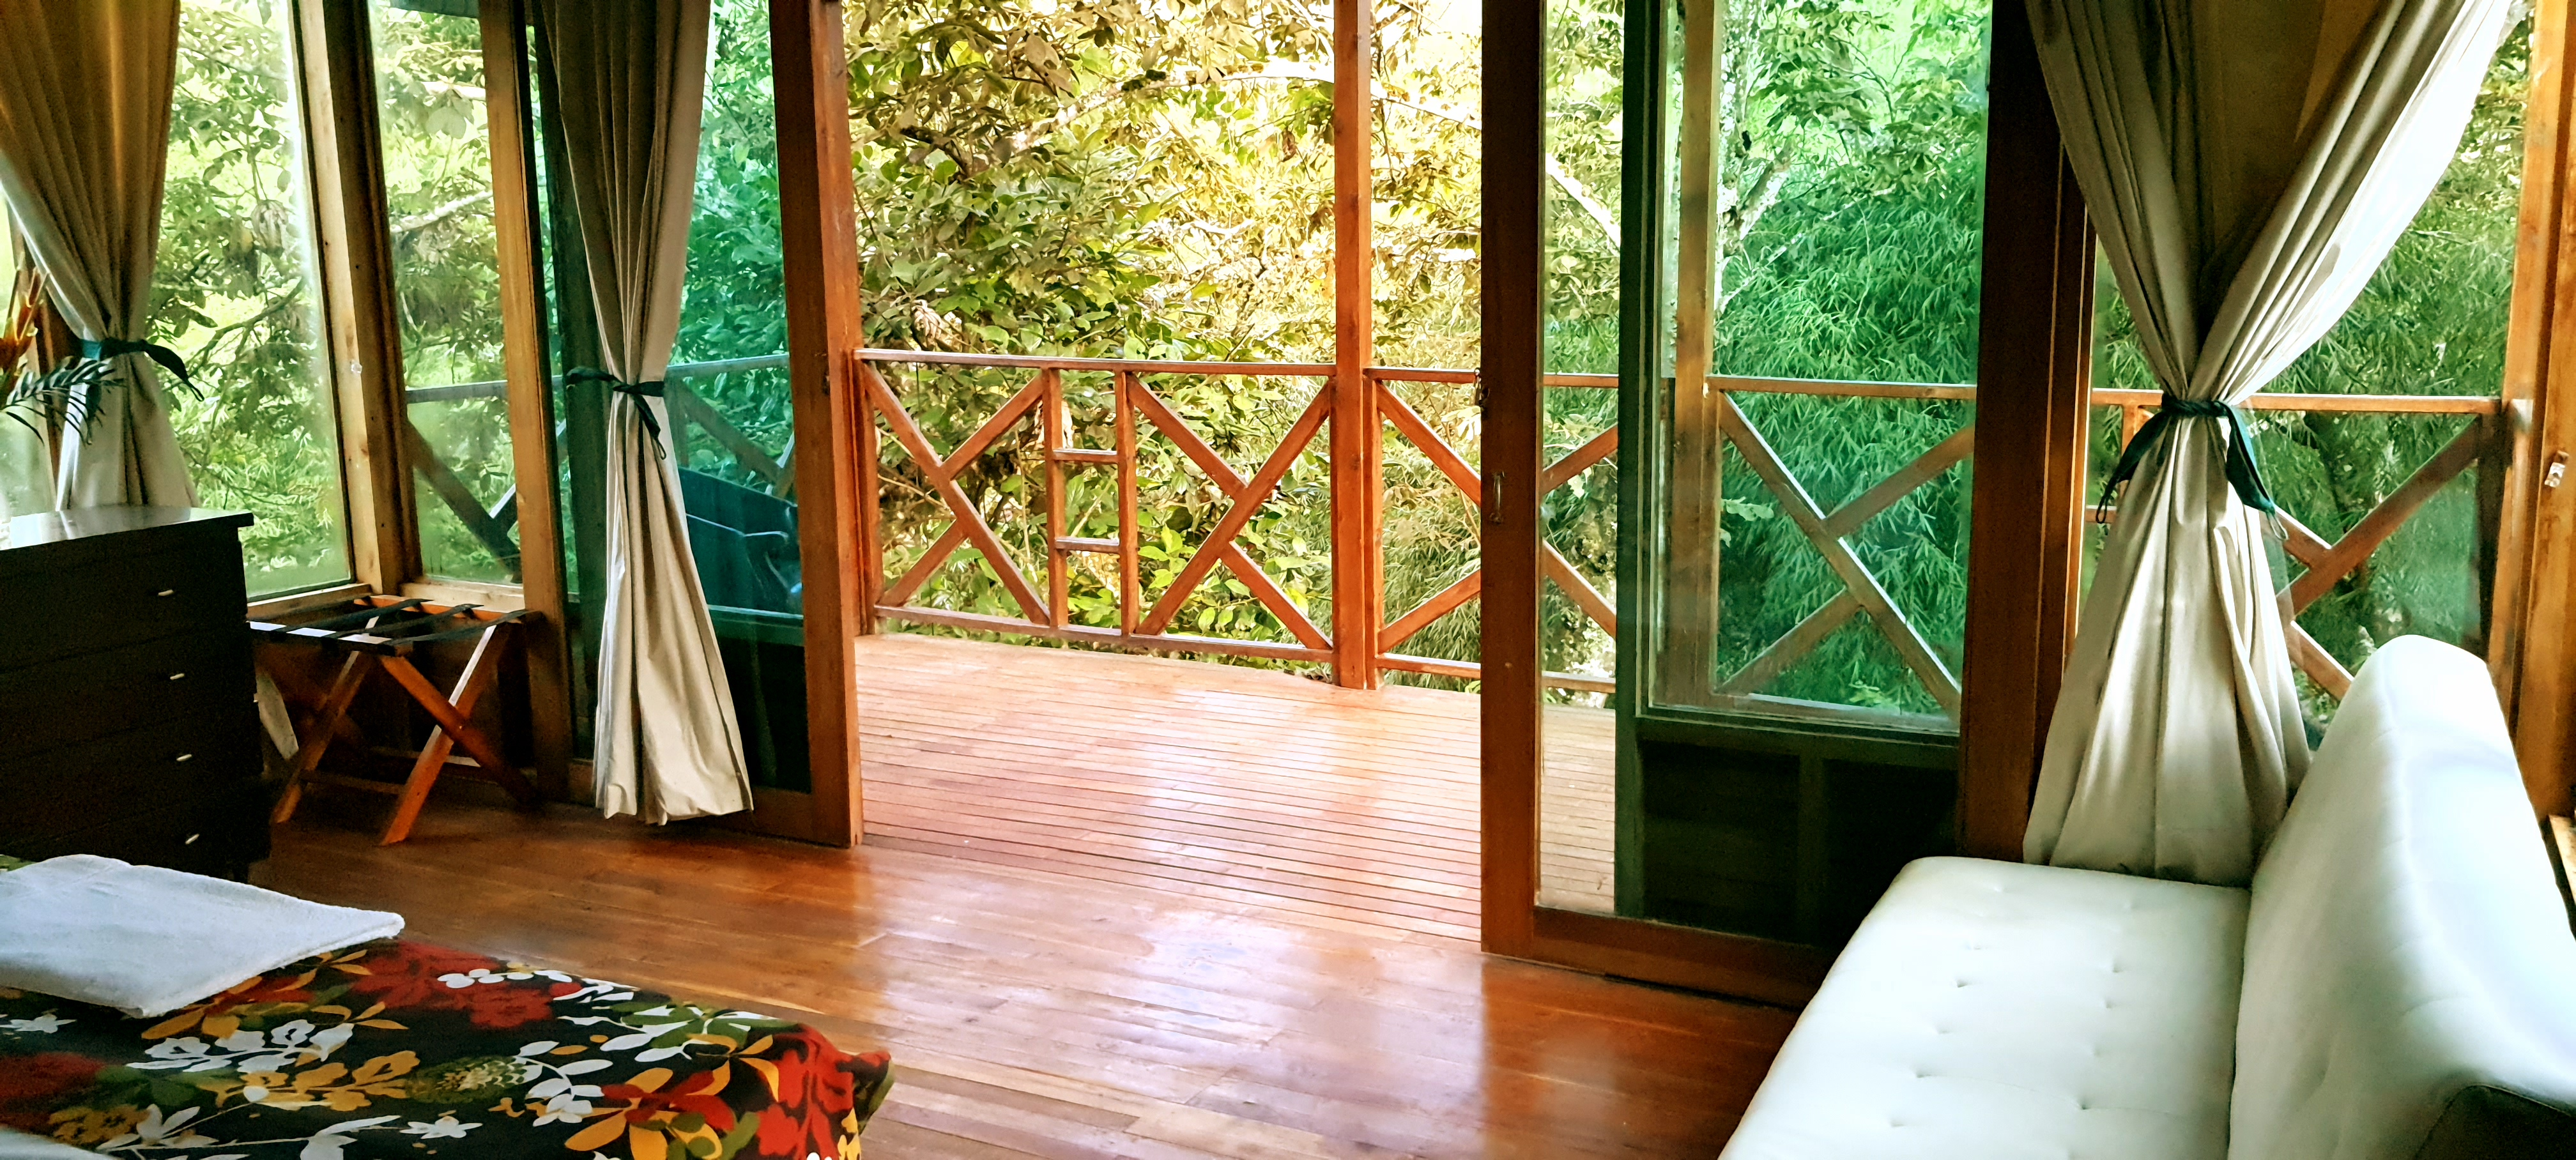 Schoner Ort In Quimbaya Quindio in der Nahe von Na Ferienhaus in Südamerika